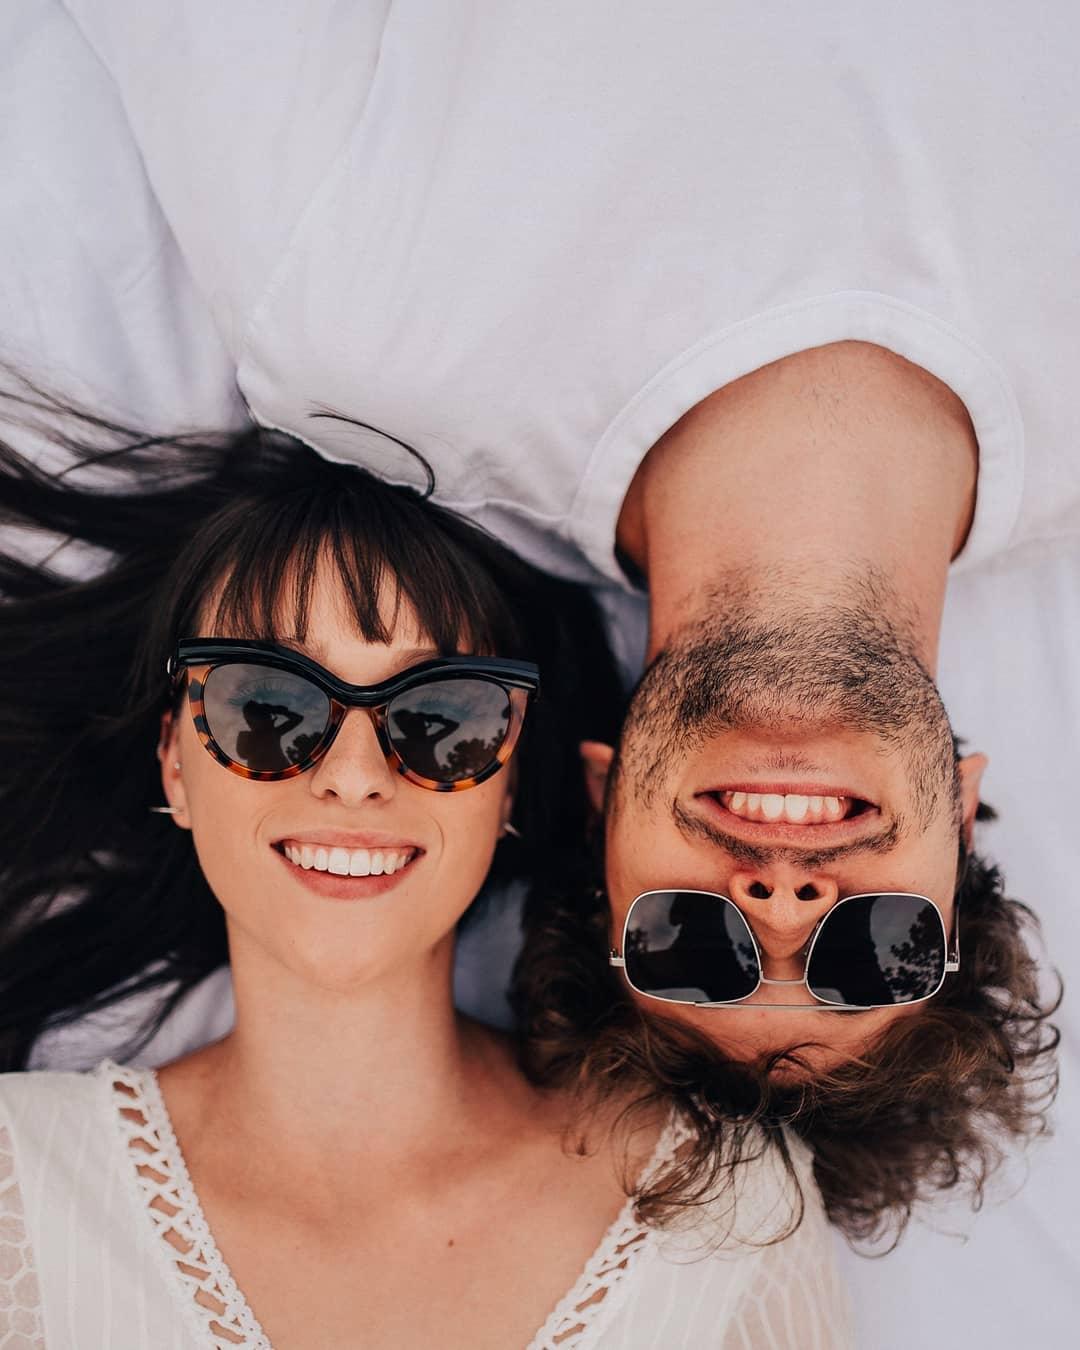 Fotky z kampaní, které fotím pro @vasecocky vám ve feedu ukazuju minimálně a to bych ráda časem napravila, fotím ich totiž docela dost  Takže tentokrát je tu pár, které jsem fotila se @sarusxoxo a @cikstefan  . . . . . #zuzkafoti #slunecnibryle #sunglasses #vasecocky #photoshoot #portrait_vision #portrait_today #portraitphoto #portrait_mood #portraitphotography #portraitgram #peoplescreative #peopleczsk #czechmodel #sonyalphagram #alpharoamers #sonygangcz #igerscz #pragueworld